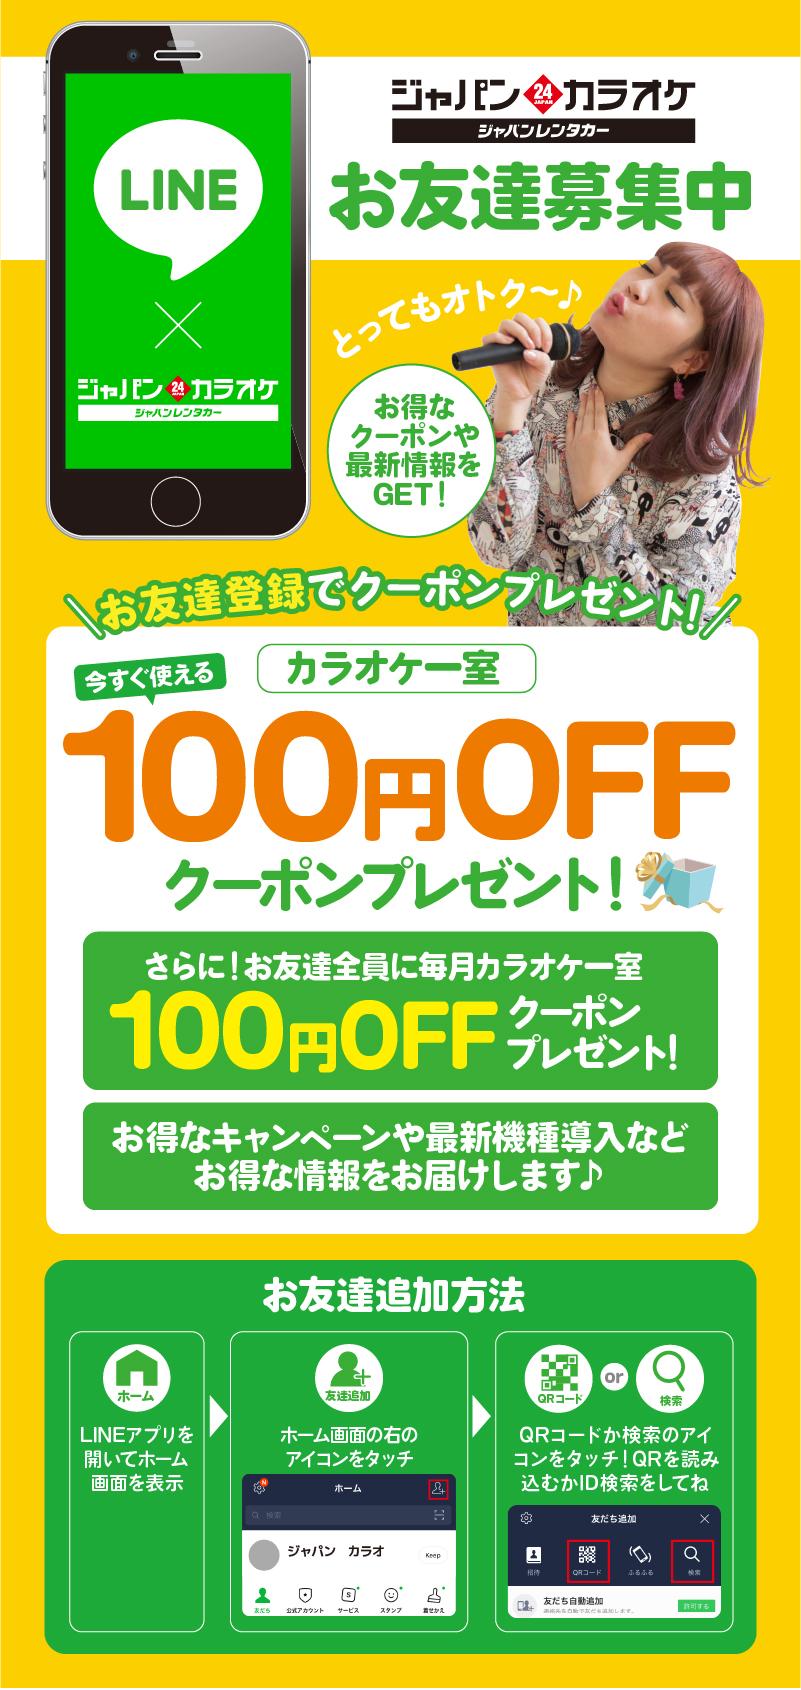 LINEお友達登録で100円クーポンプレゼント!